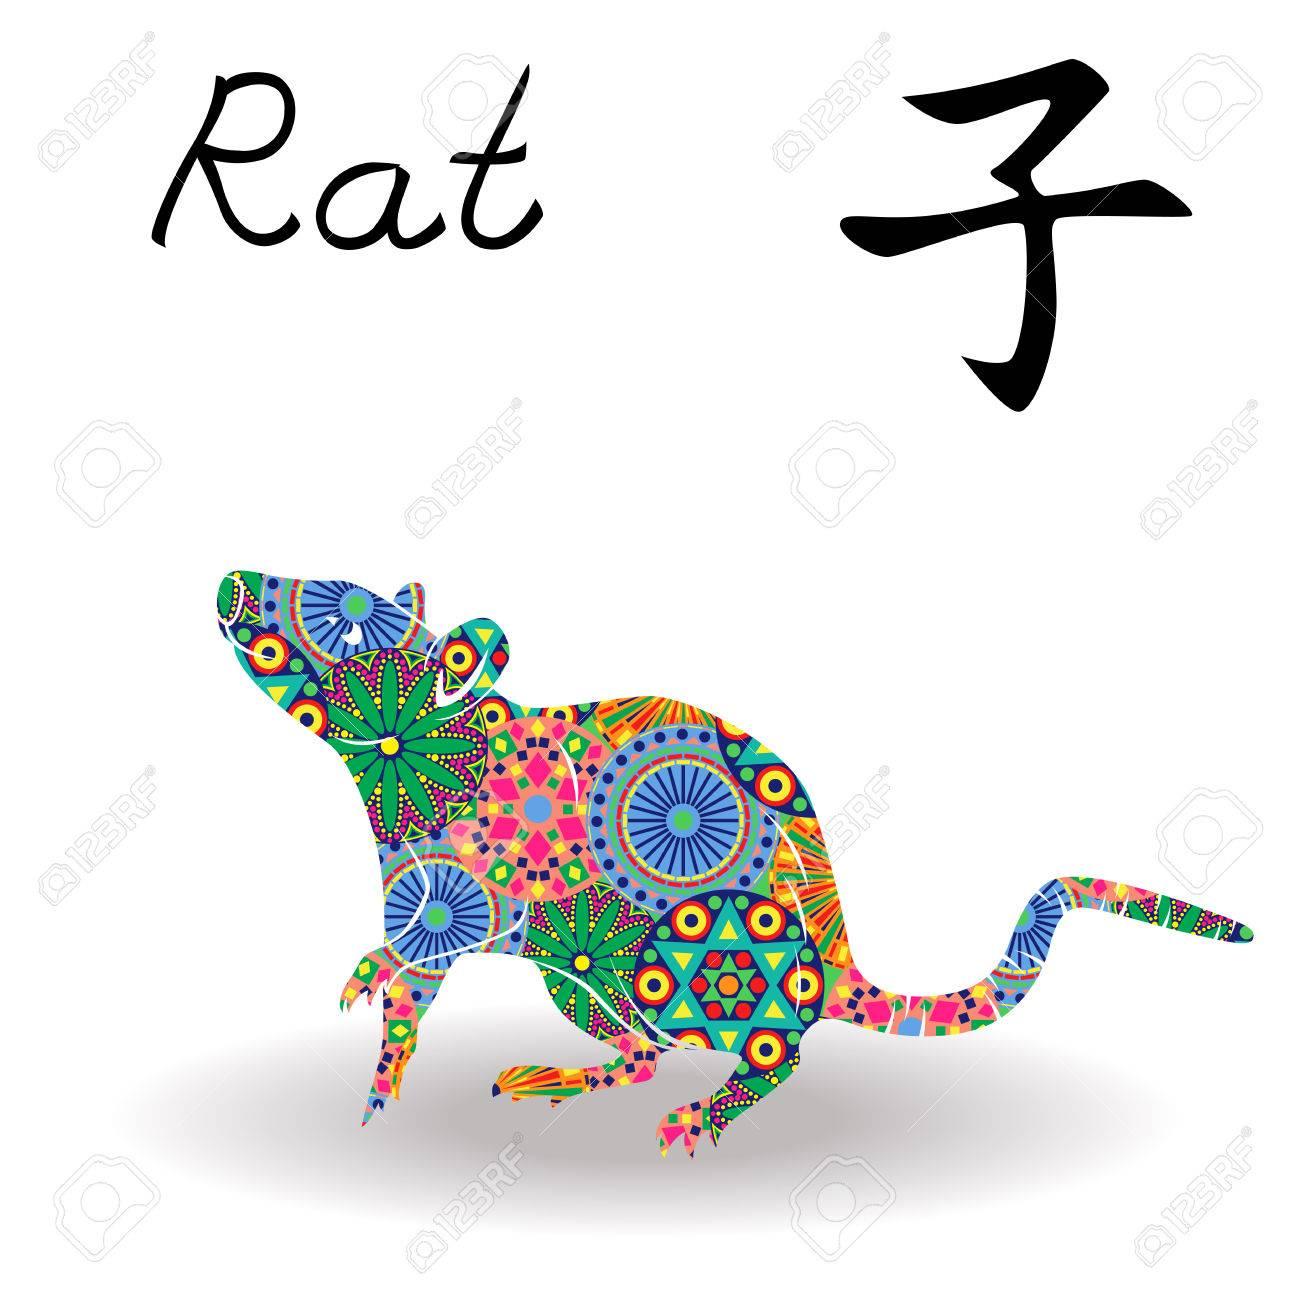 Calendario Zodiacale Cinese.Ratto Segno Zodiacale Cinese Acqua Elemento Fisso Simbolo Del Nuovo Anno Sul Calendario Orientale Stencil Vettoriali Disegnati A Mano Con Fiori